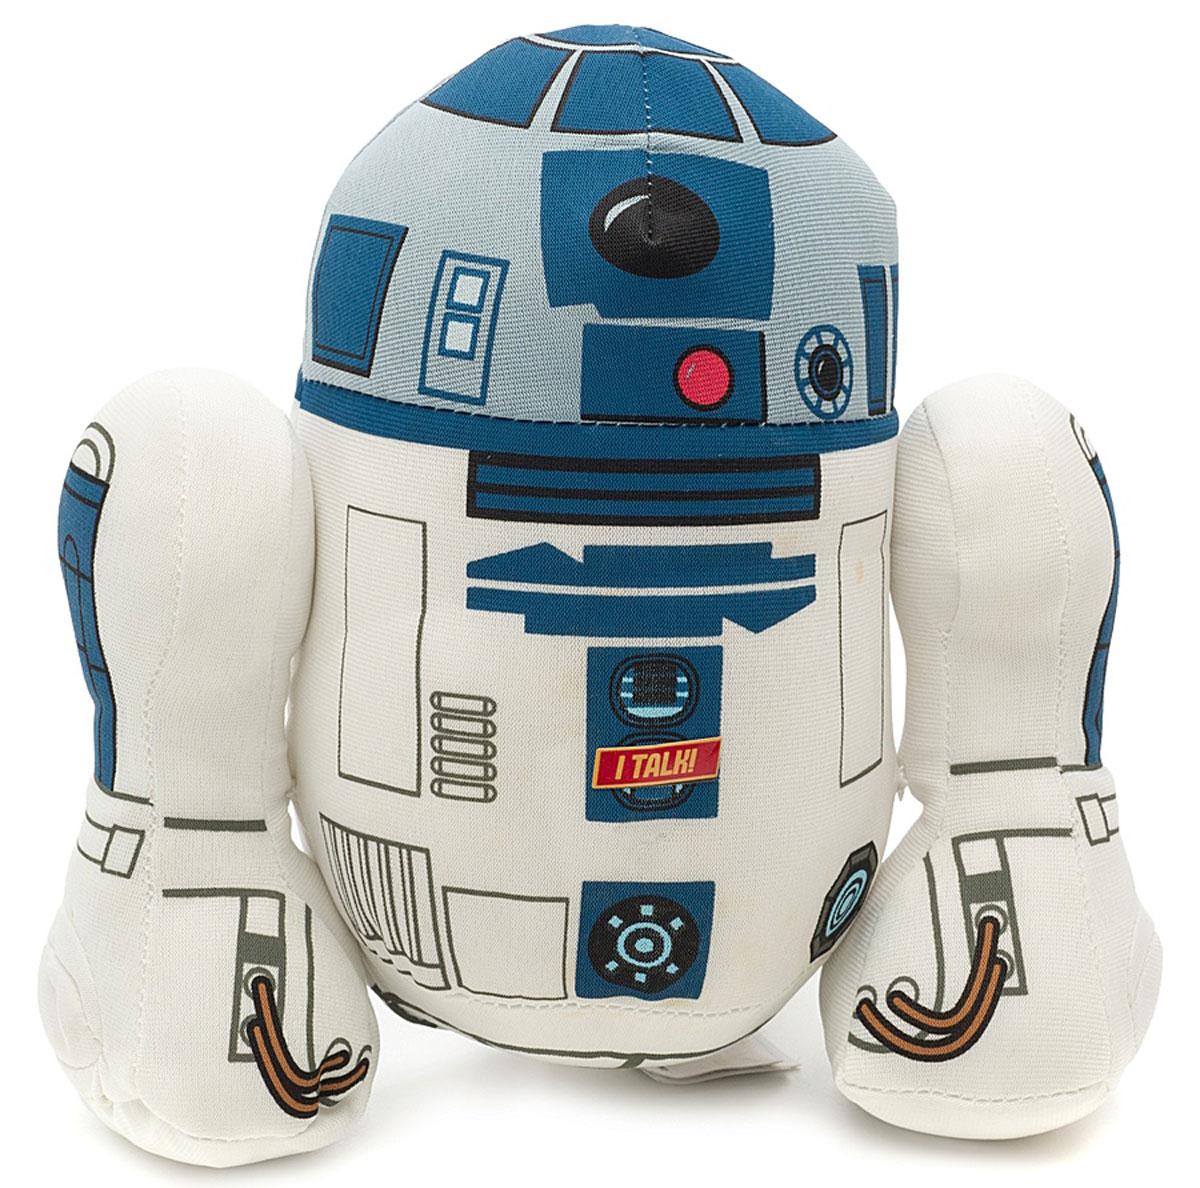 Star Wars Мягкая озвученная игрушка R2-D2 18 смSW02368Мягкая озвученная игрушка Star Wars R2-D2 порадует любого поклонника знаменитой саги Звездные войны. Игрушка выполнена из высококачественного текстильного материала в виде робота R2-D2. При нажатии на живот игрушки, она издаст характерные для персонажа писк и электронные сигналы. Р2-Д2 - изобретательный и преданный робот. Легкий дроид, Р2 часто бросается в опасные ситуации без раздумий. Эта авантюрность спасает всех в дни многочисленных происшествий, часто изменяющих ход истории галактики. Оригинальная мягкая игрушка непременно поднимет настроение своему обладателю и станет замечательным подарком любому ребенку или взрослому, увлеченному вселенной Звездных войн. Рекомендуется докупить 3 батарейки напряжением 1,5V типа LR44/AG13 (товар комплектуется демонстрационными).